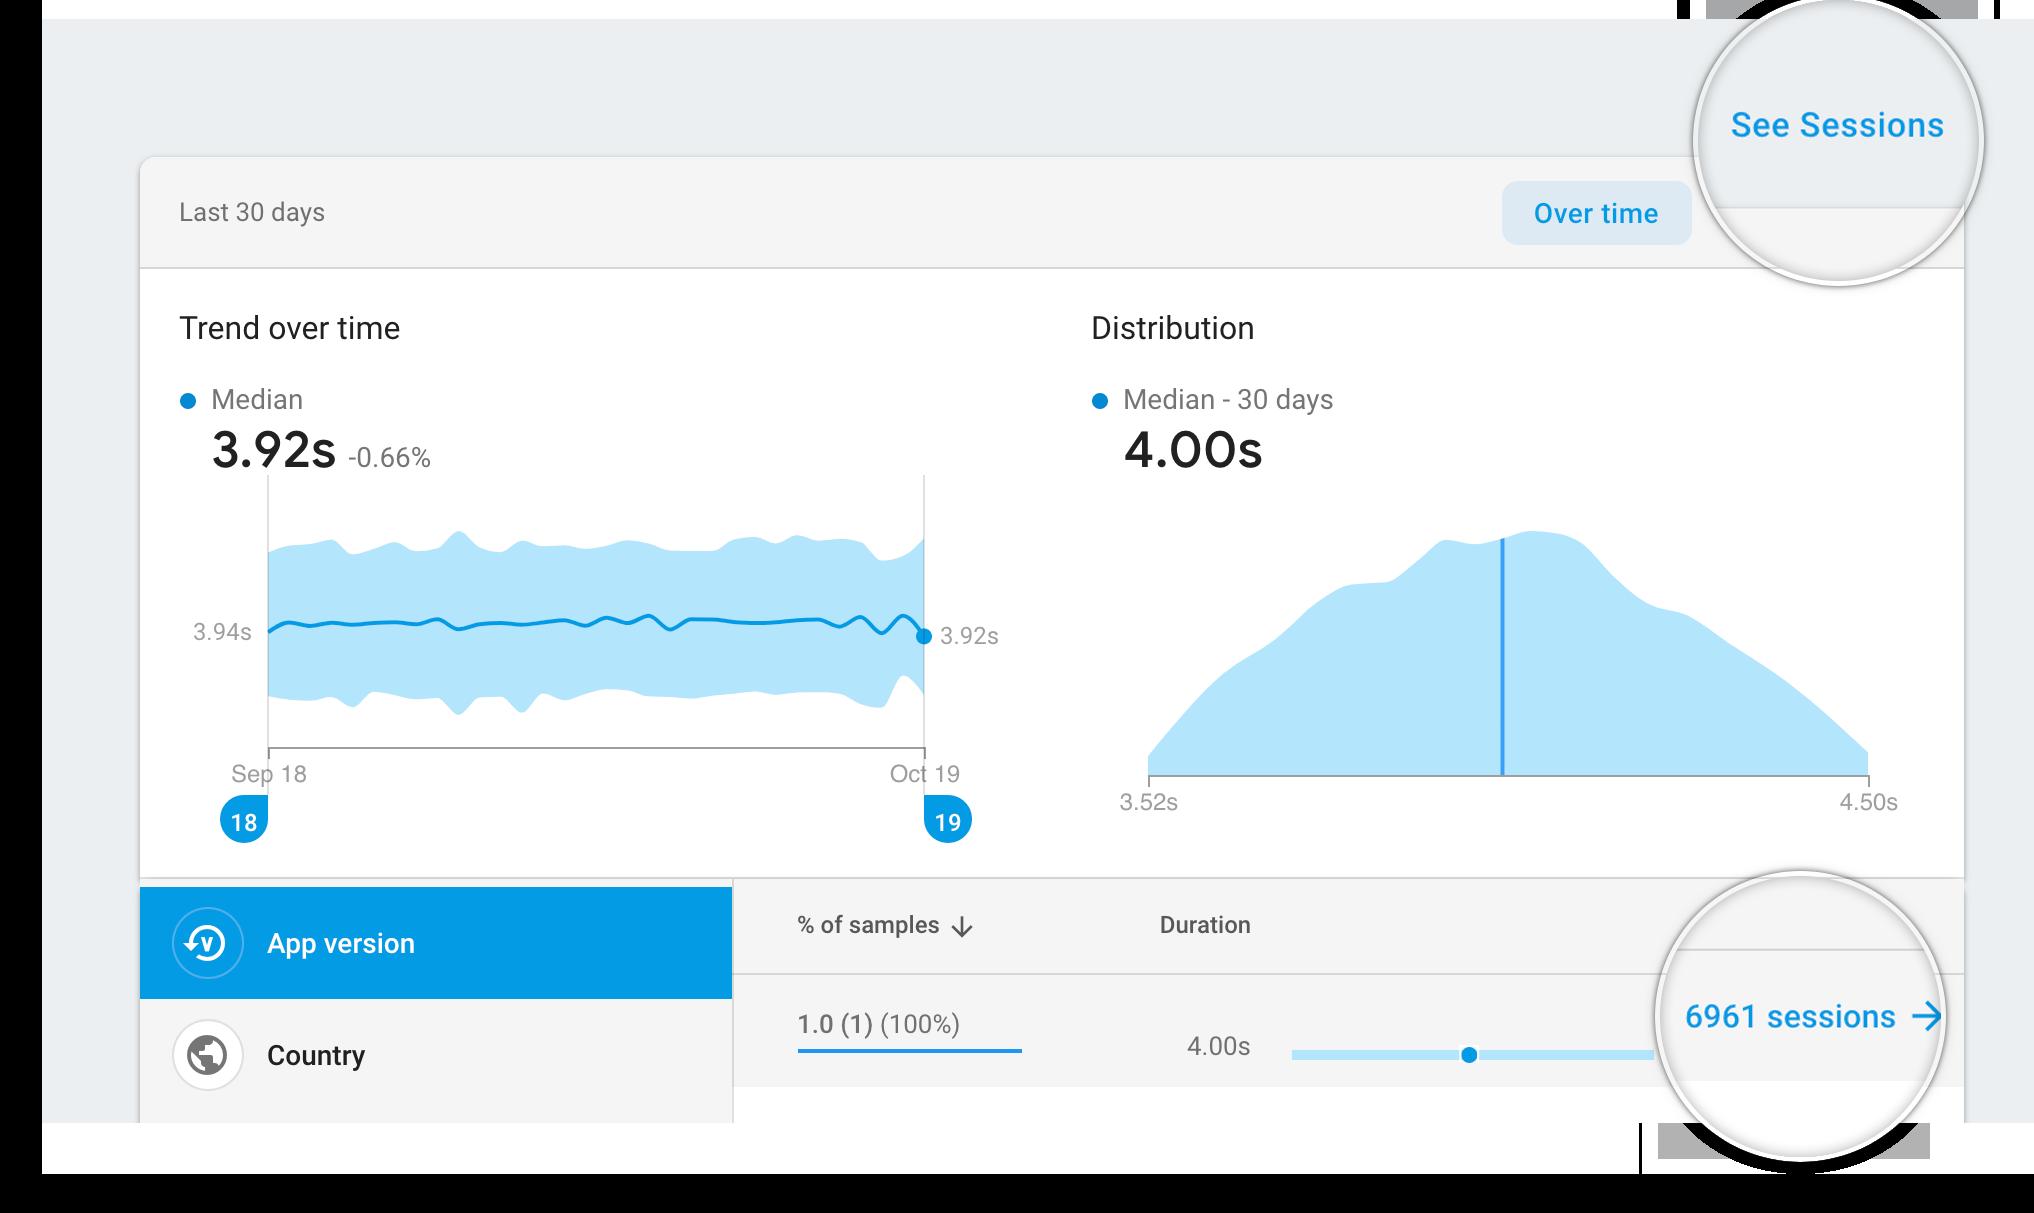 Ein Image des Firebase Performance Monitoring-Trace mit einem Link zu Sitzungen